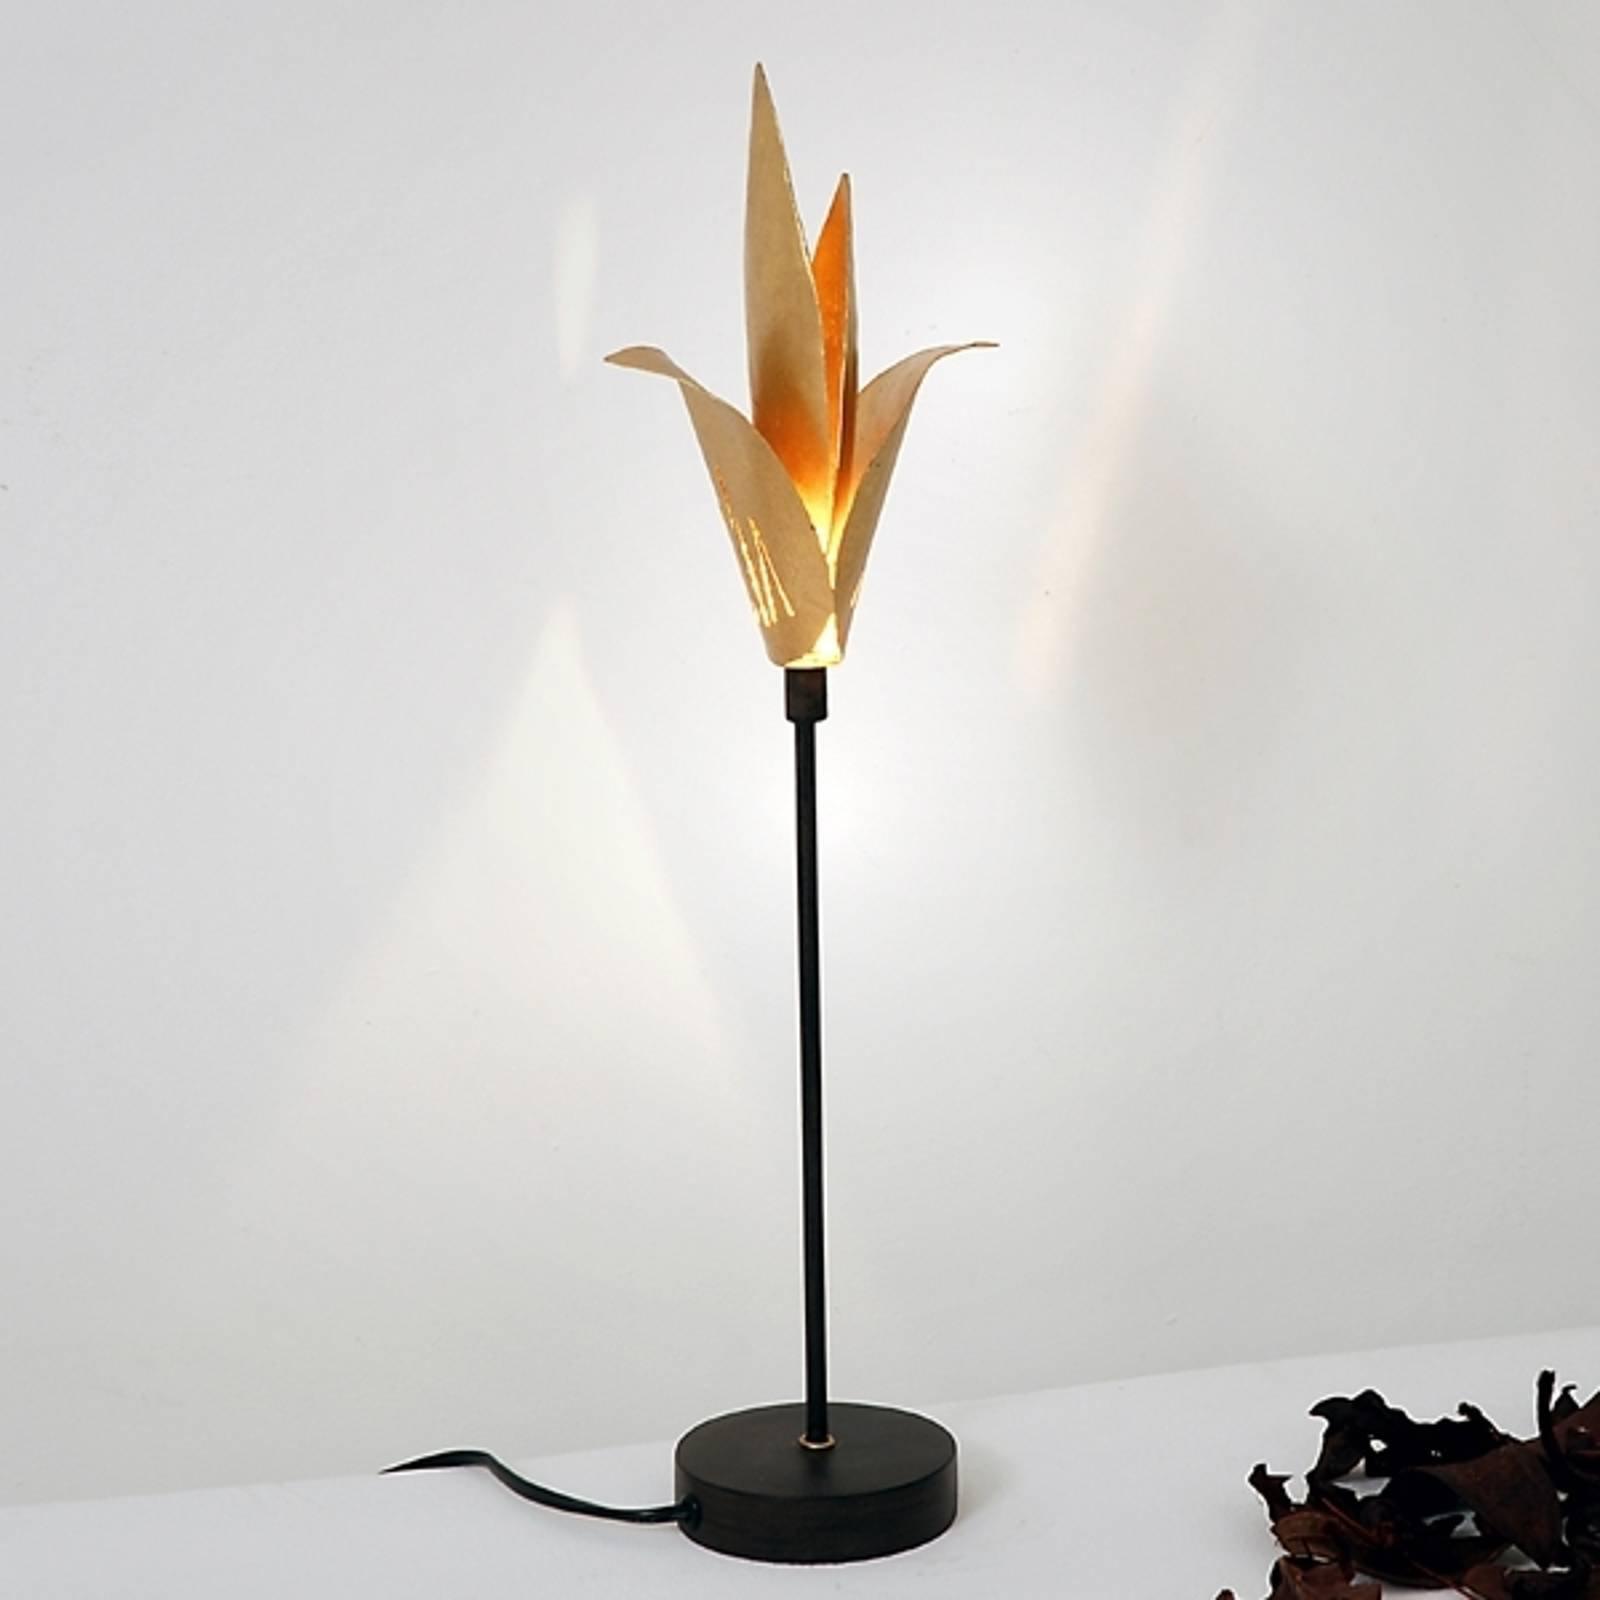 Eksklusiv bordlampe AIRONE med gyllen blomst